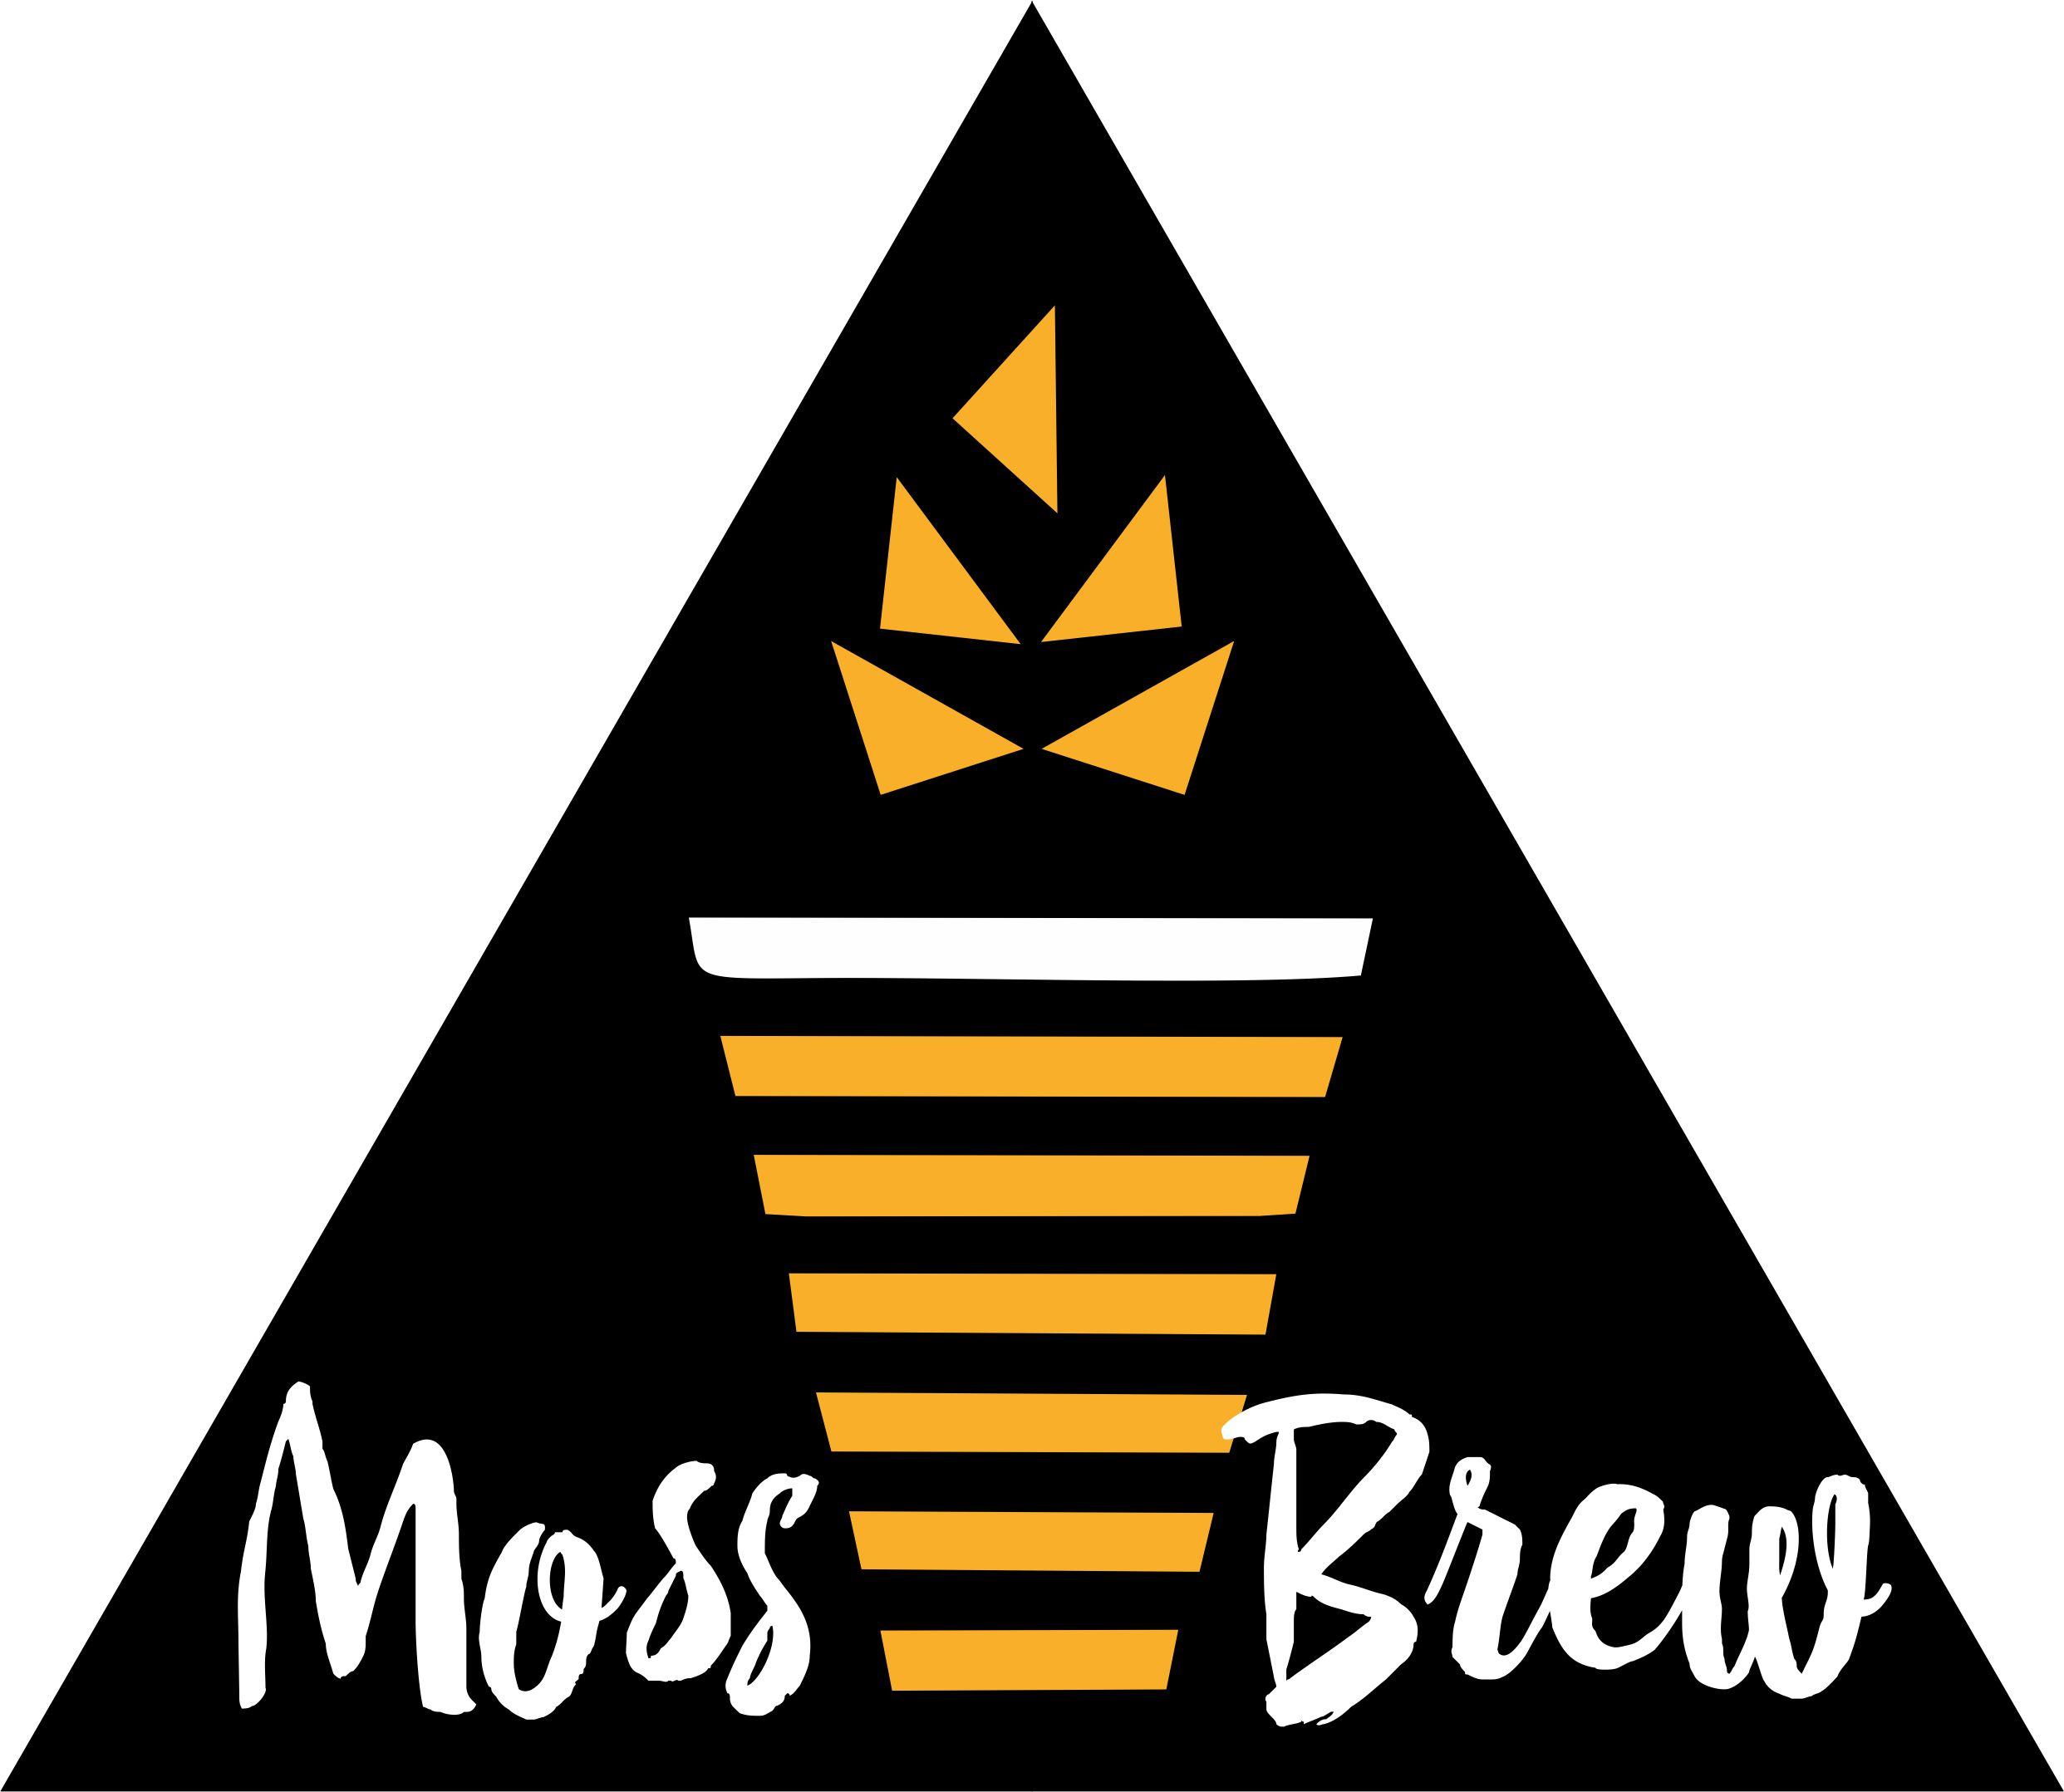 Логотип для пивоварни фото f_8595988c9f3c036d.jpg